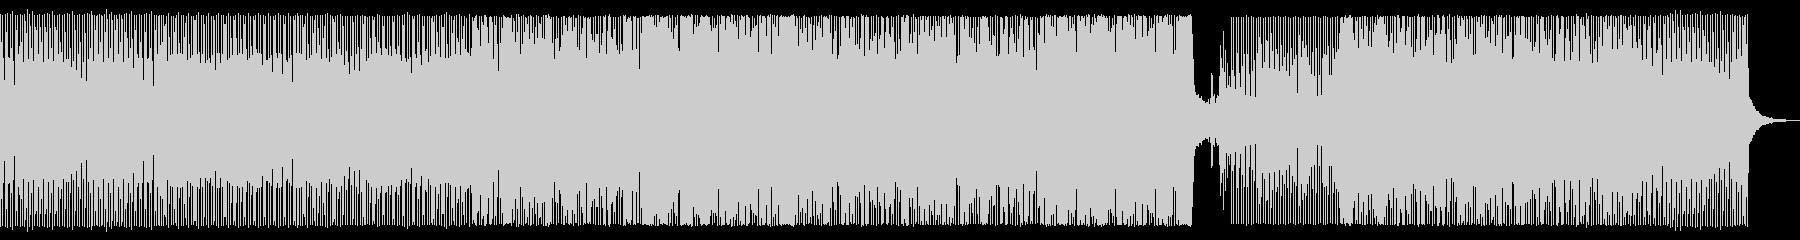 家。メロディック、70'soundの未再生の波形